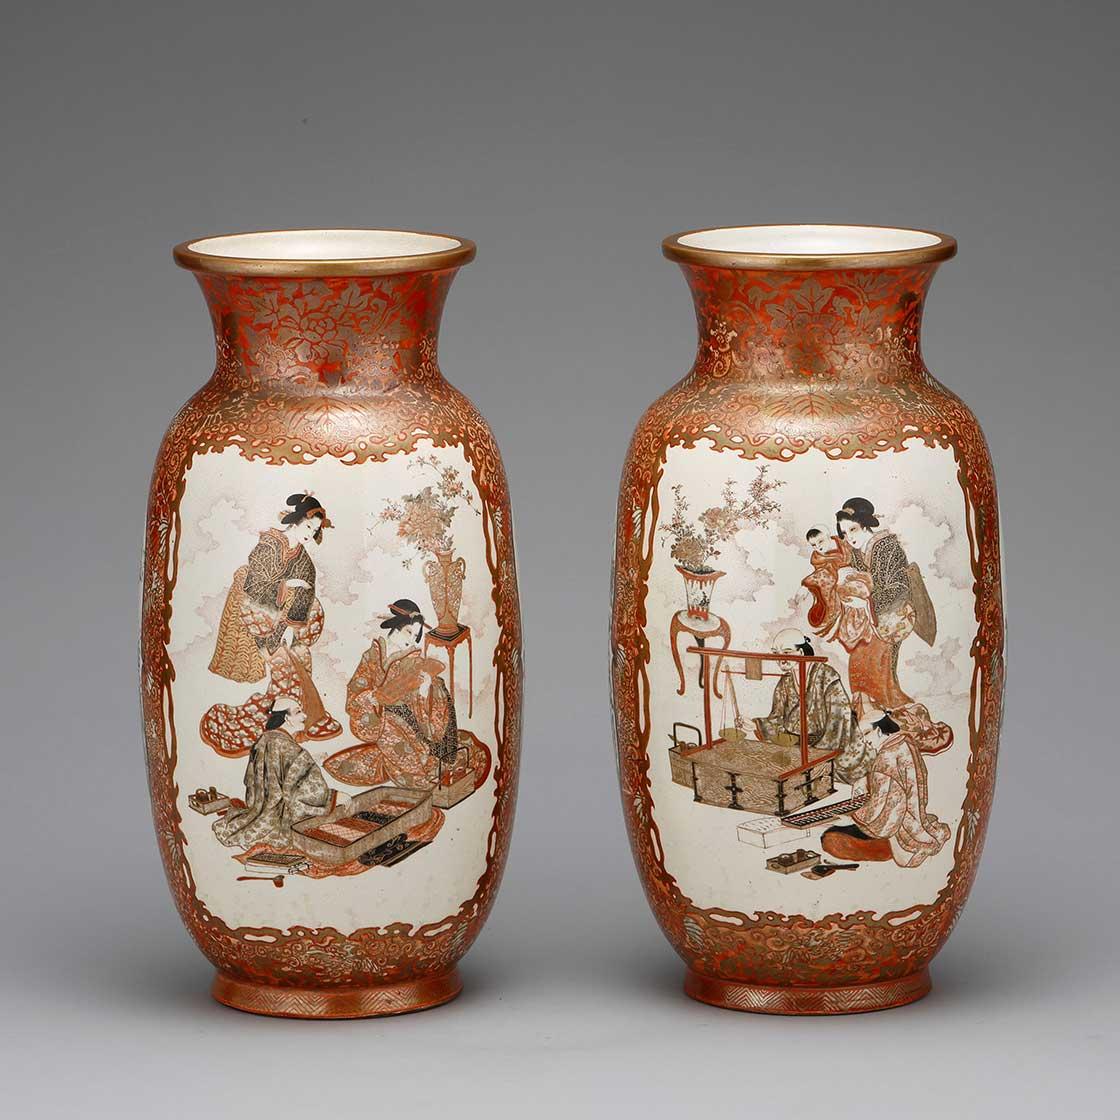 上絵金彩人物図花瓶(一対) 旻應軒(加賀薩摩)